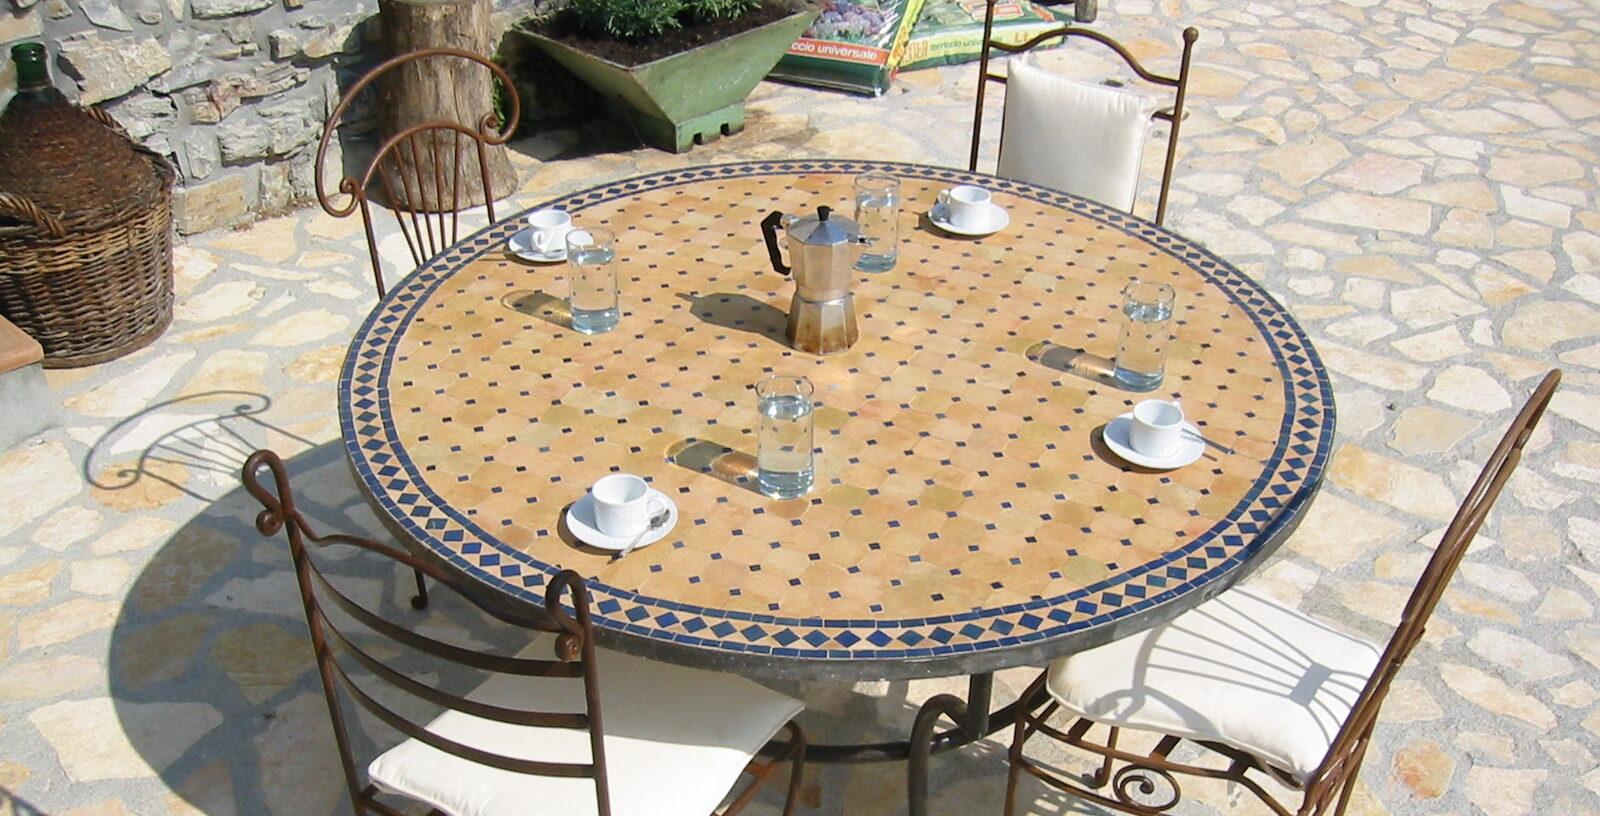 Tavole Calde Ltd. - Mediterranean Mosaic Tables